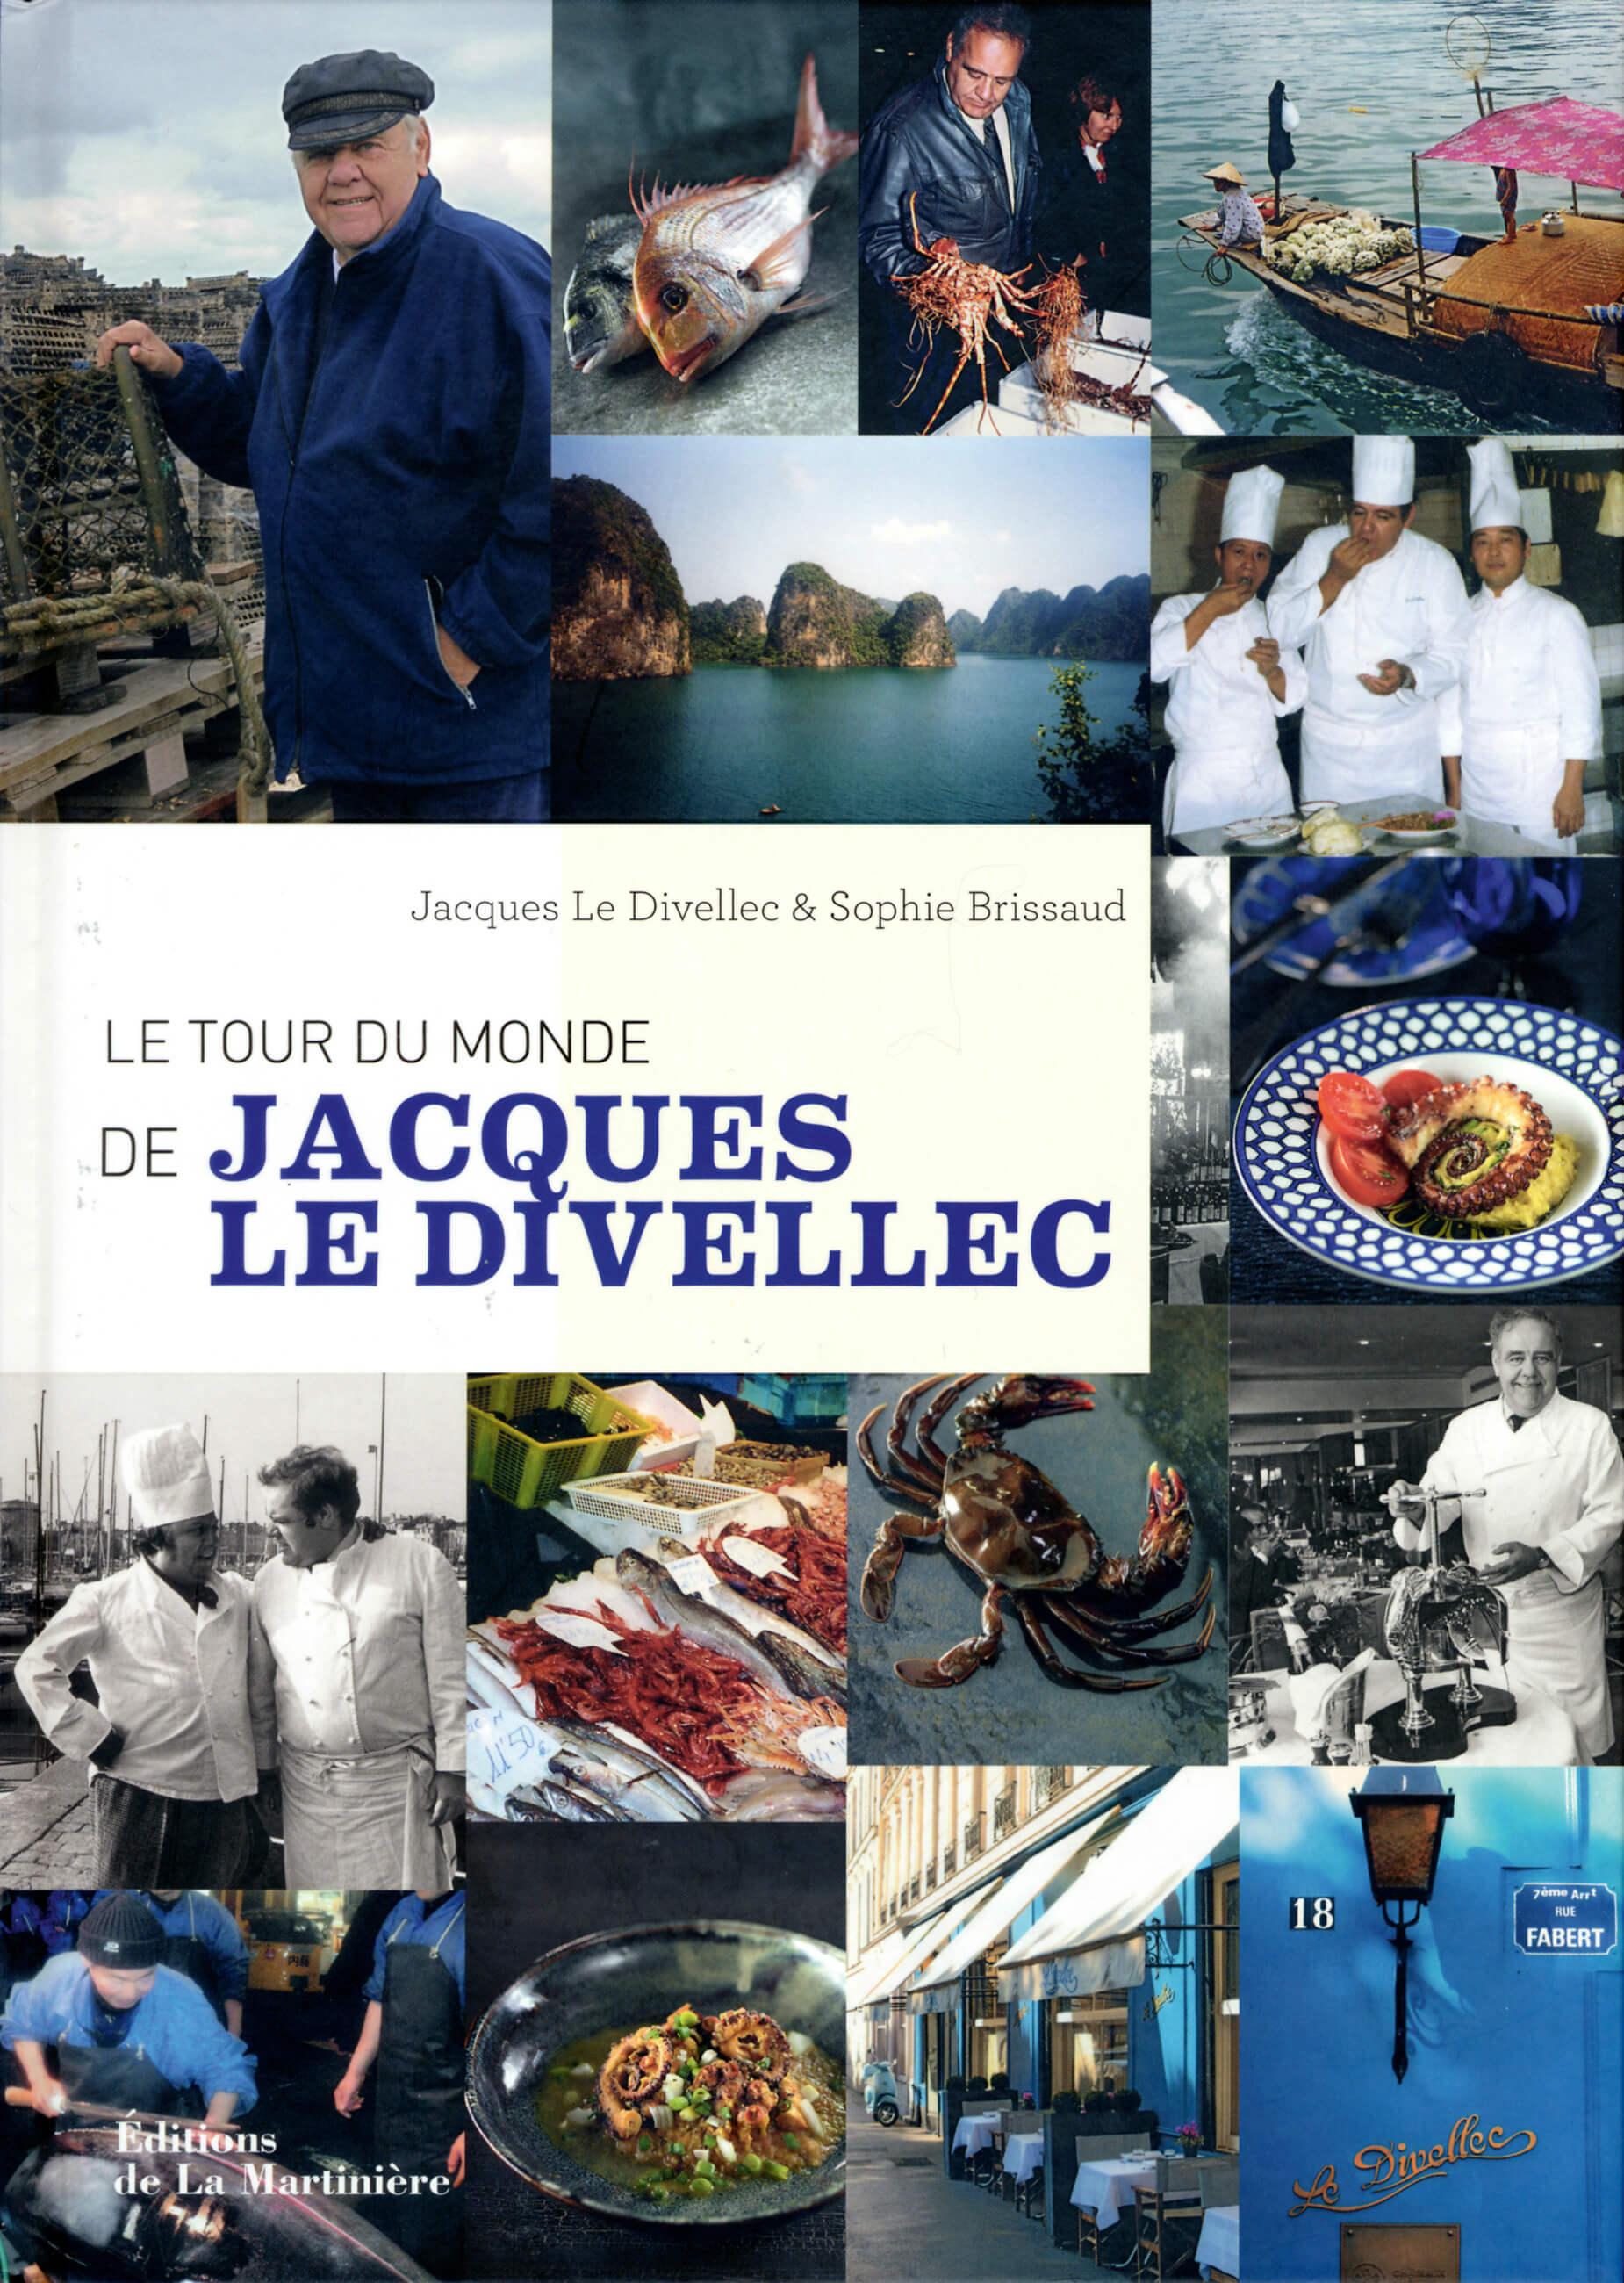 Jacques LE DIVELLEC - Sophie BRISSAUD - Le tour du monde - PDM 2013